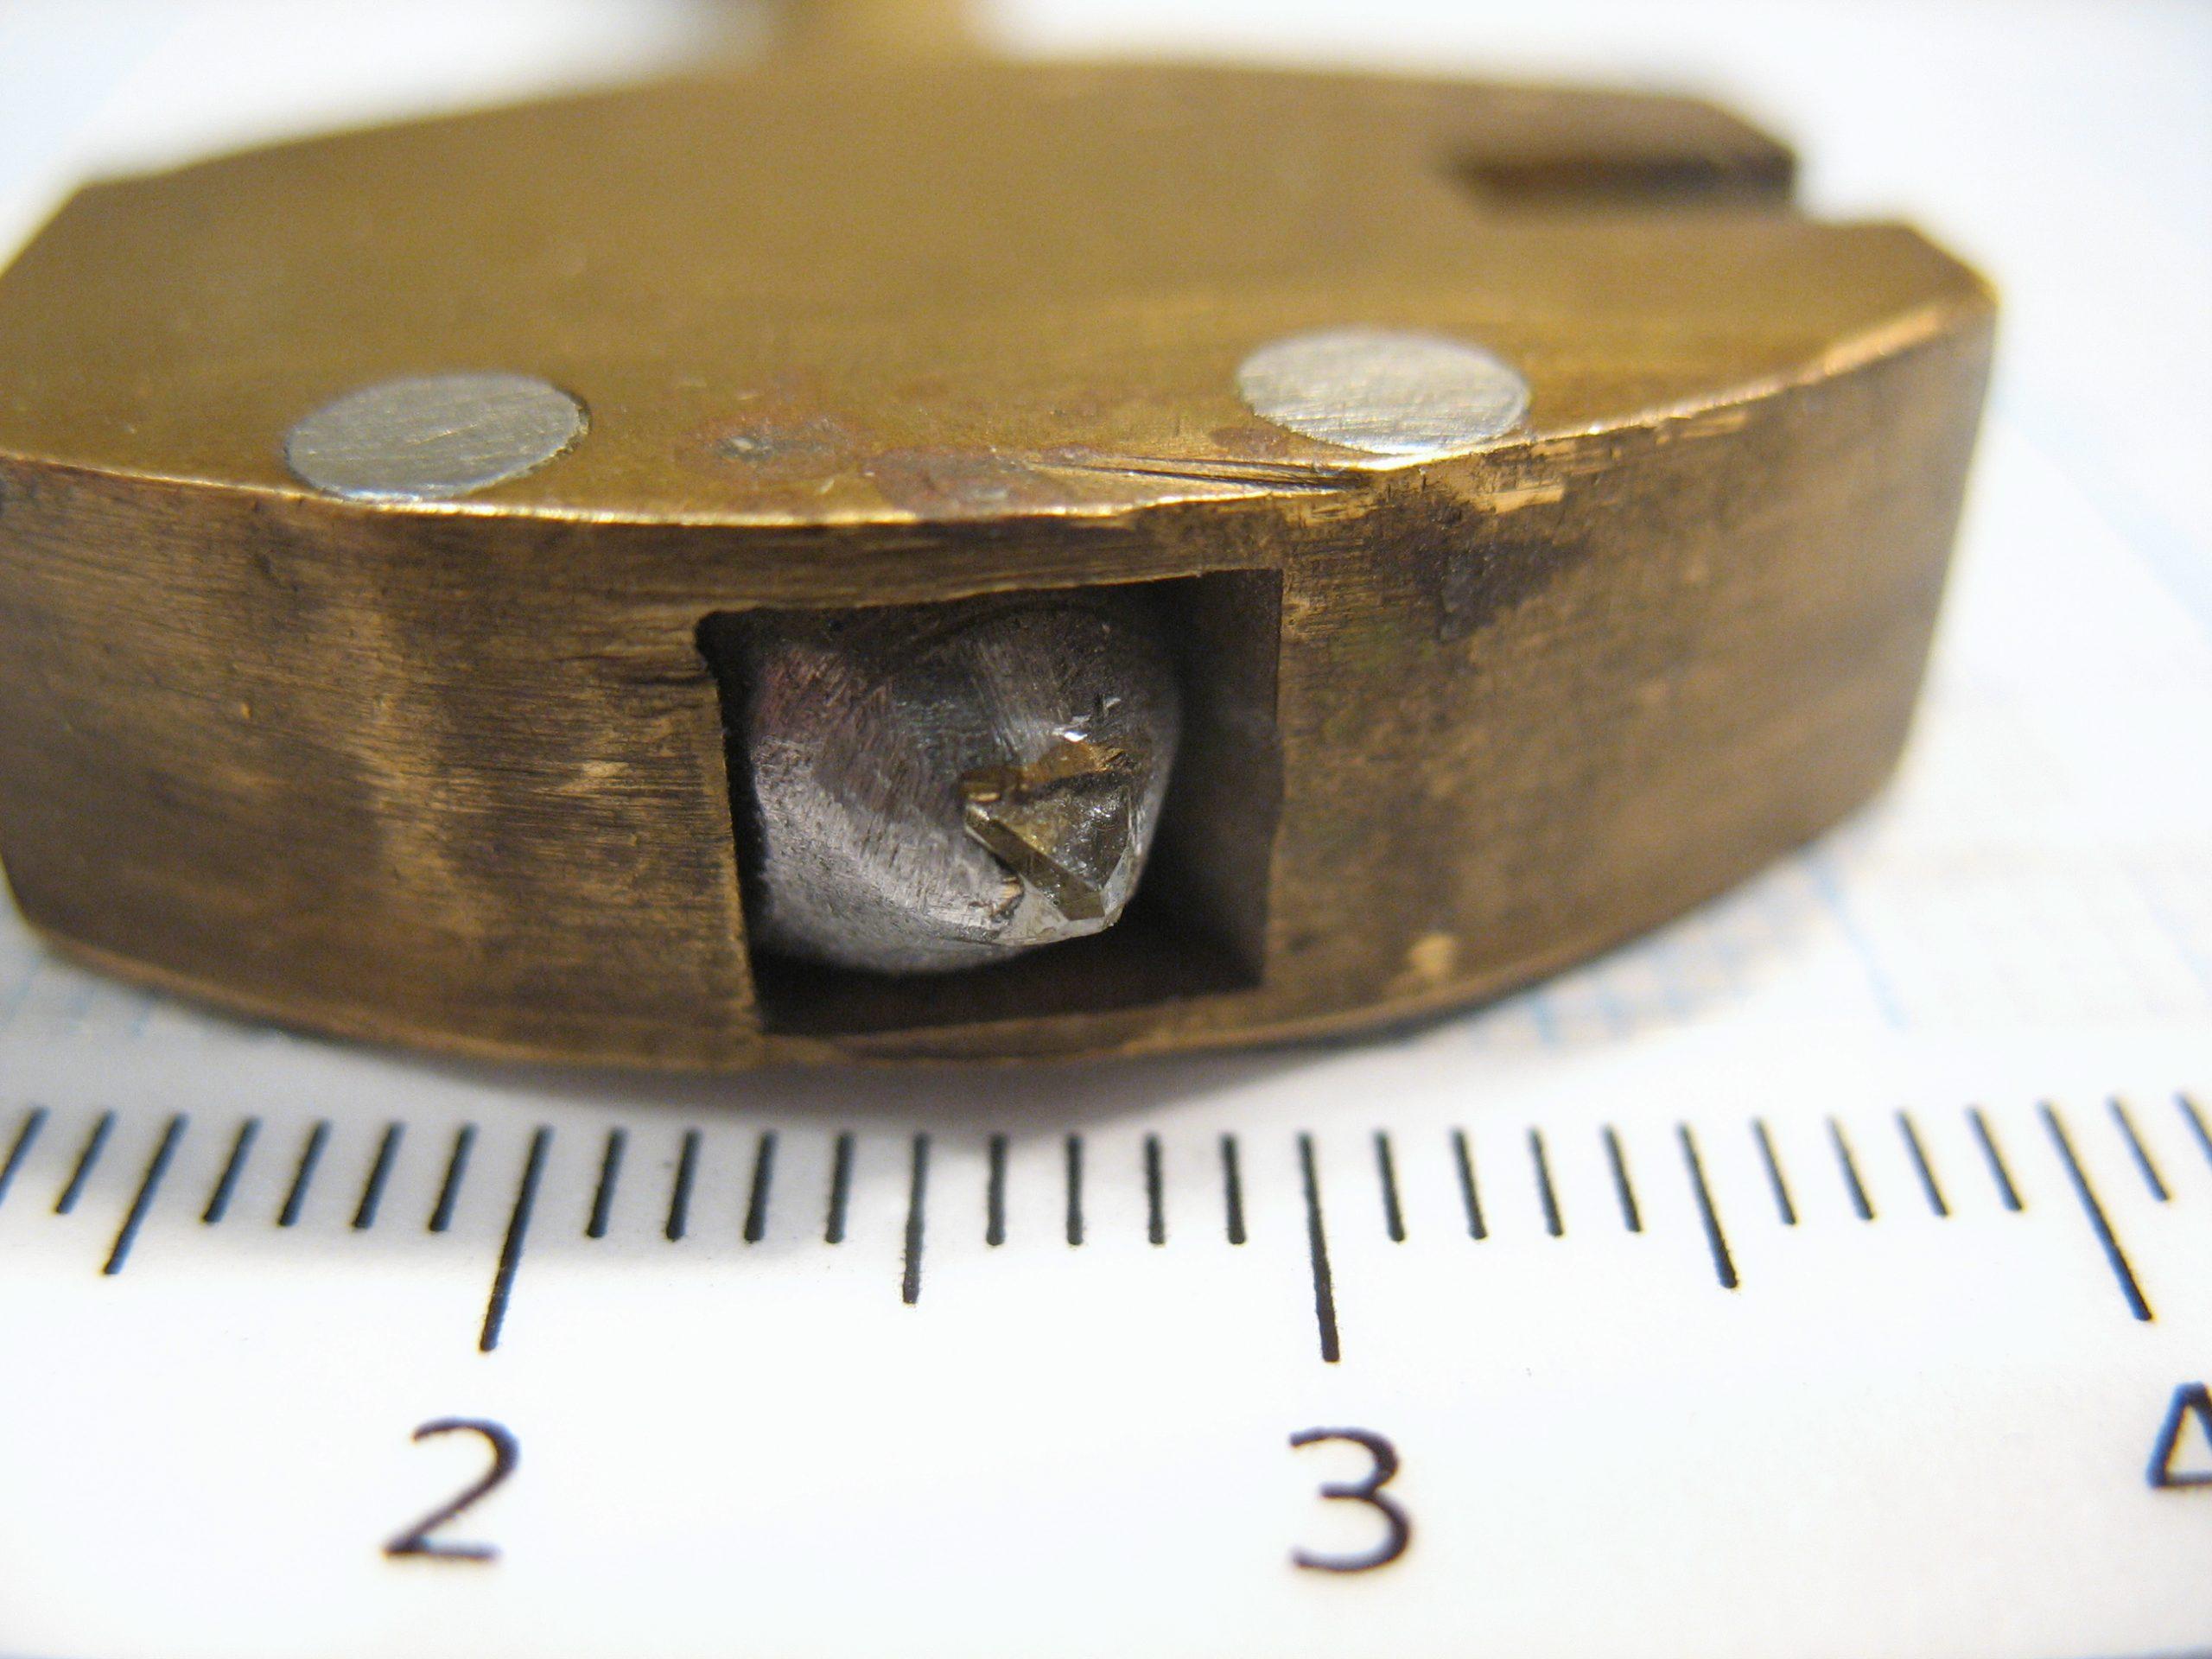 Головка стеклореза оснащена крошечным алмазом